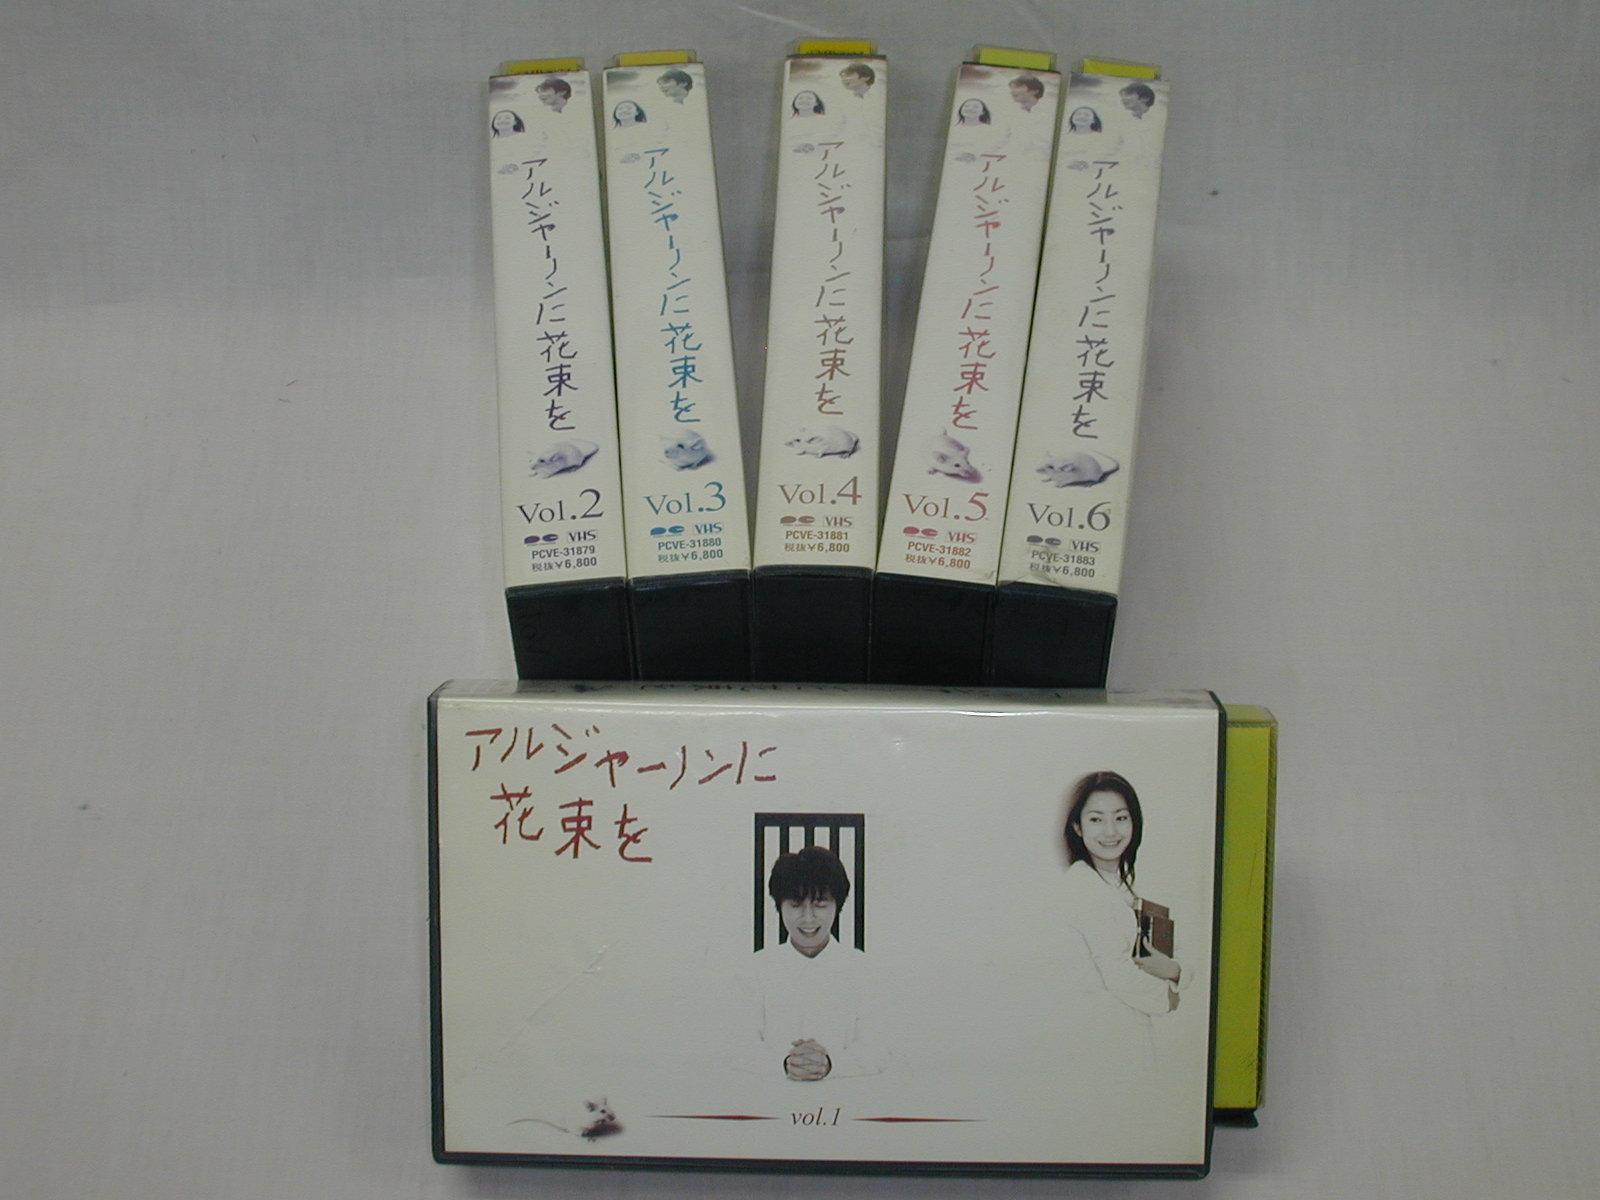 (ビデオ)関西テレビ アルジャーノンに花束を 全6巻